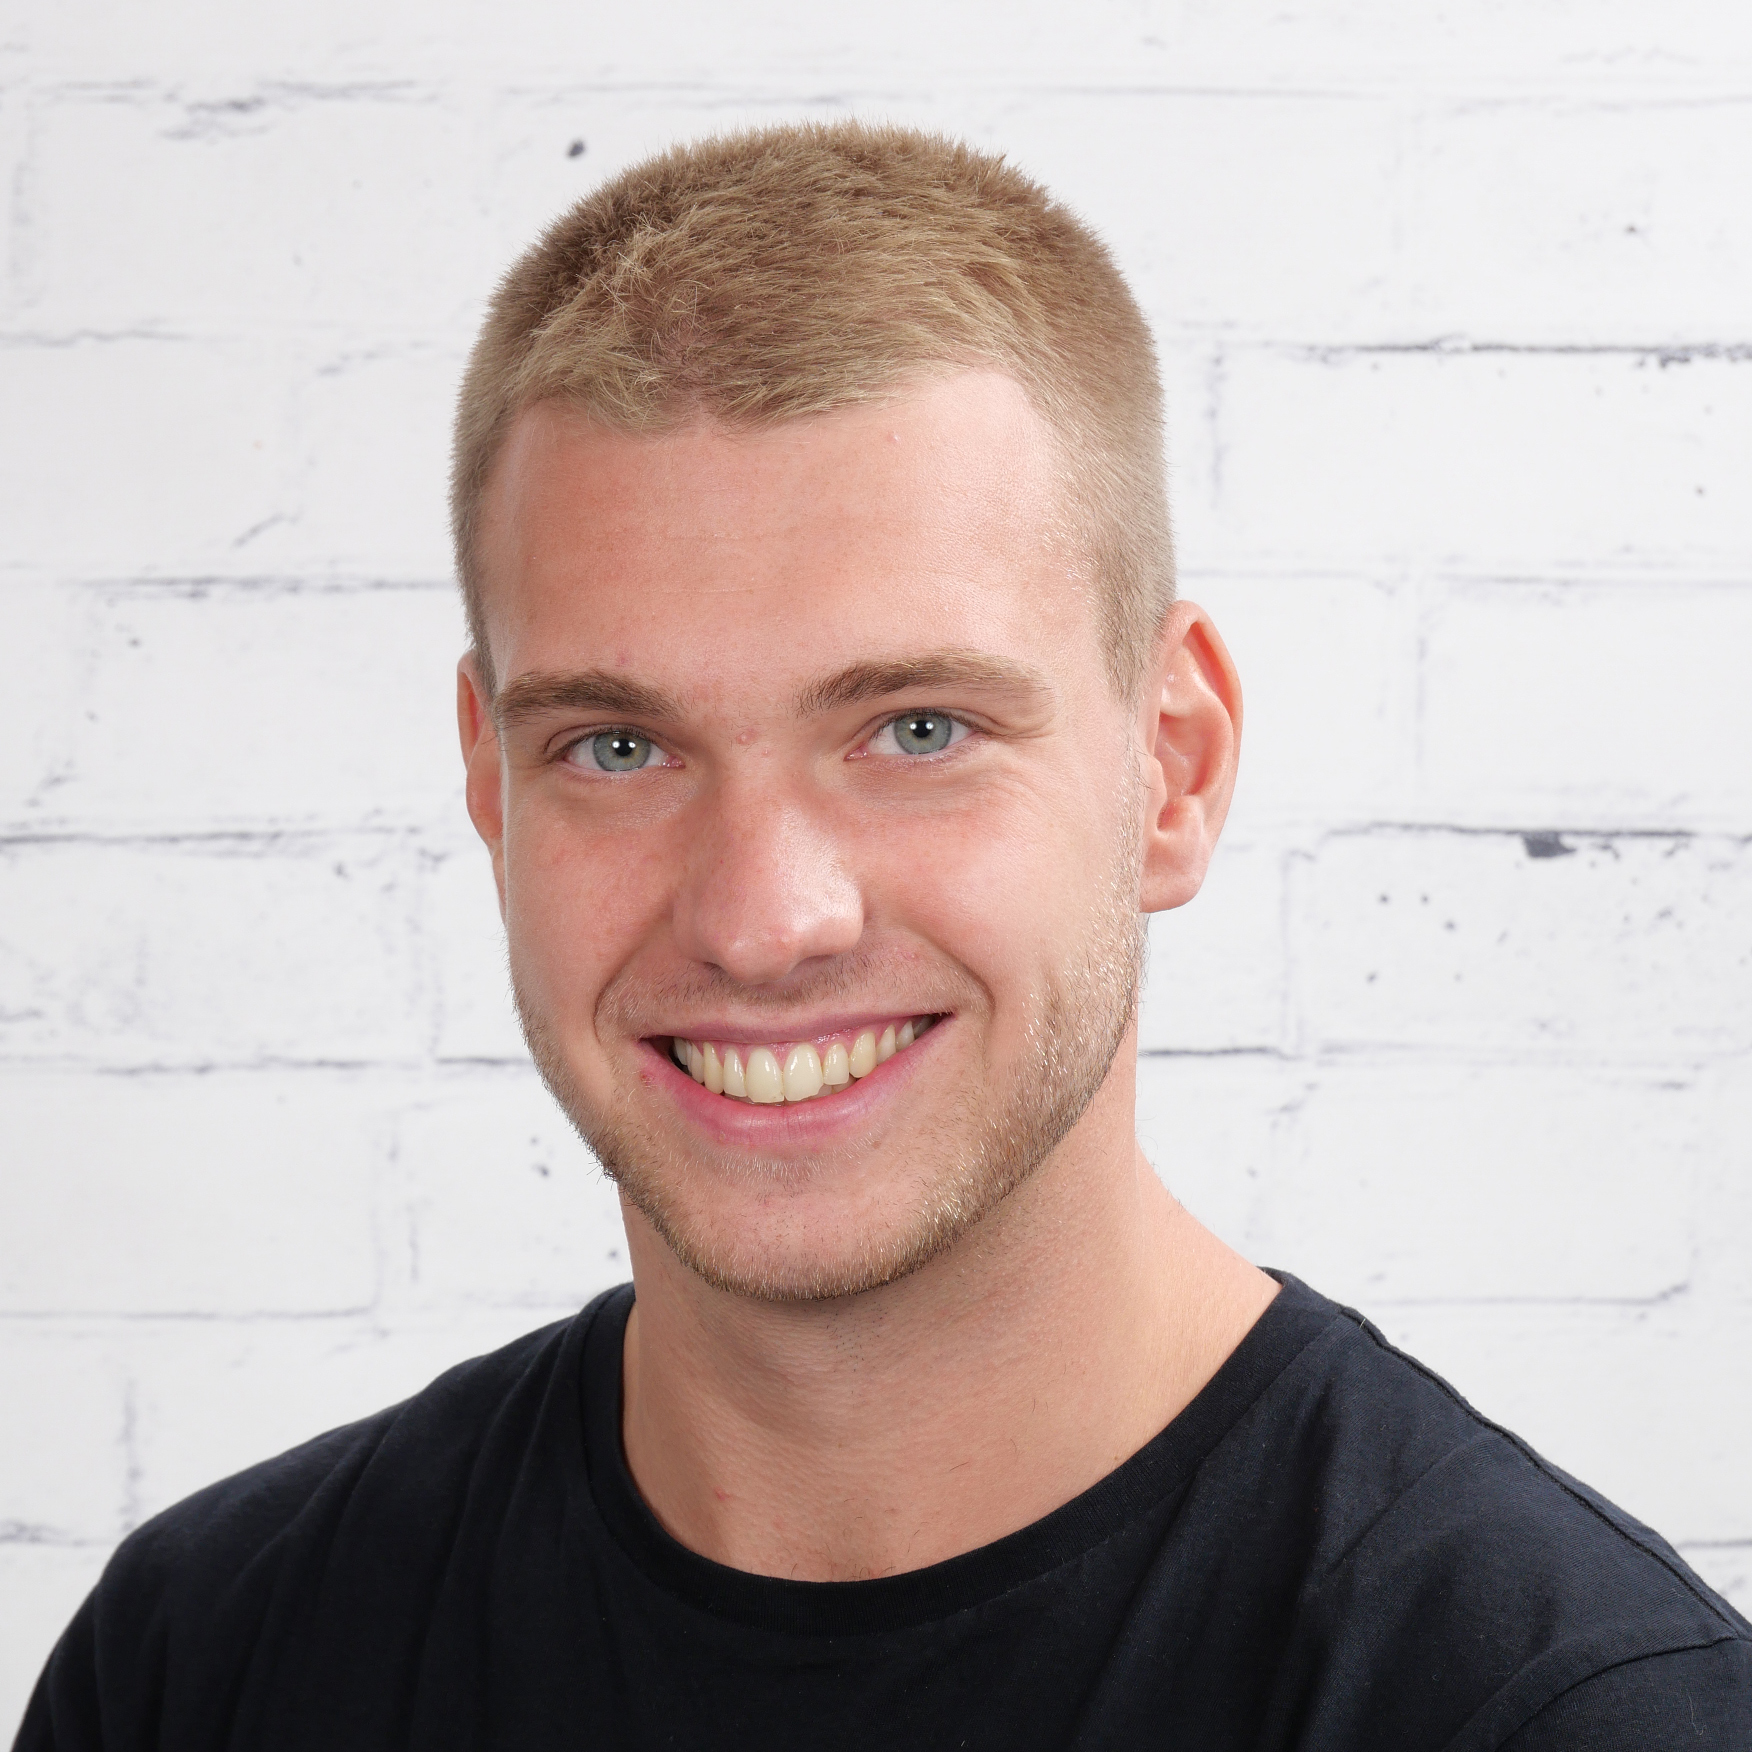 Profilbild von Aaron Bartmann